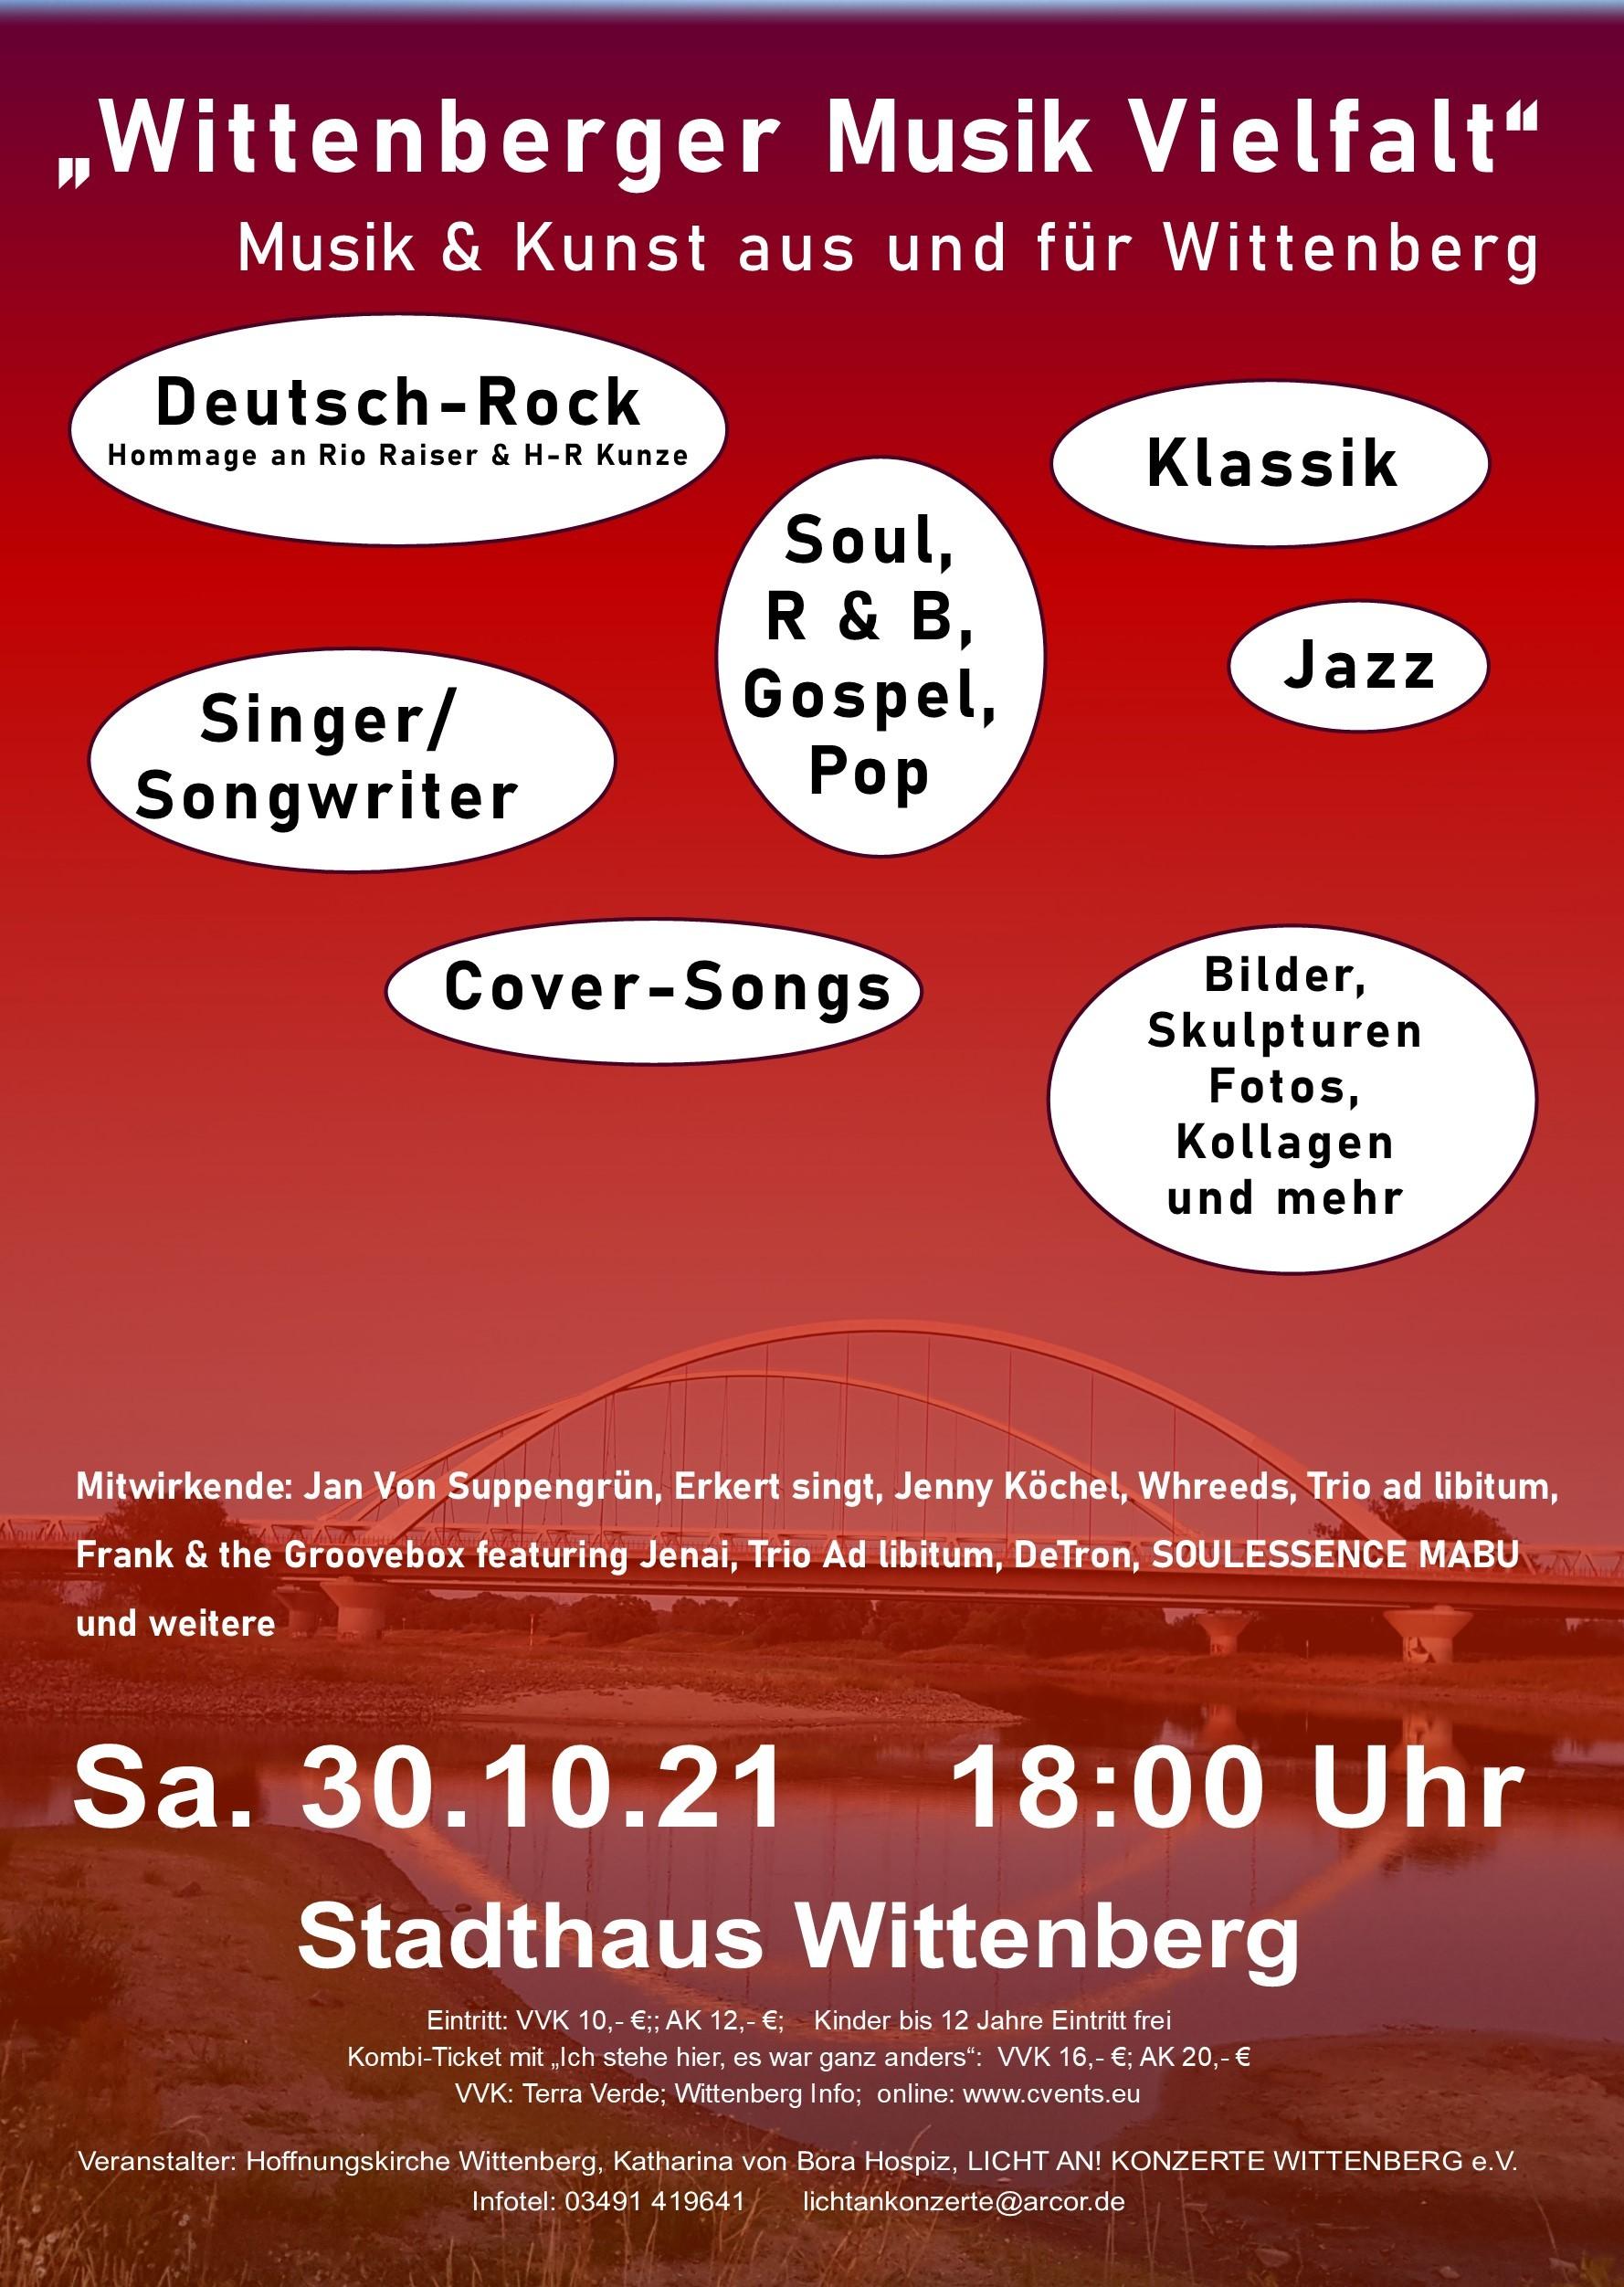 Wittenberger Musik Vielfalt